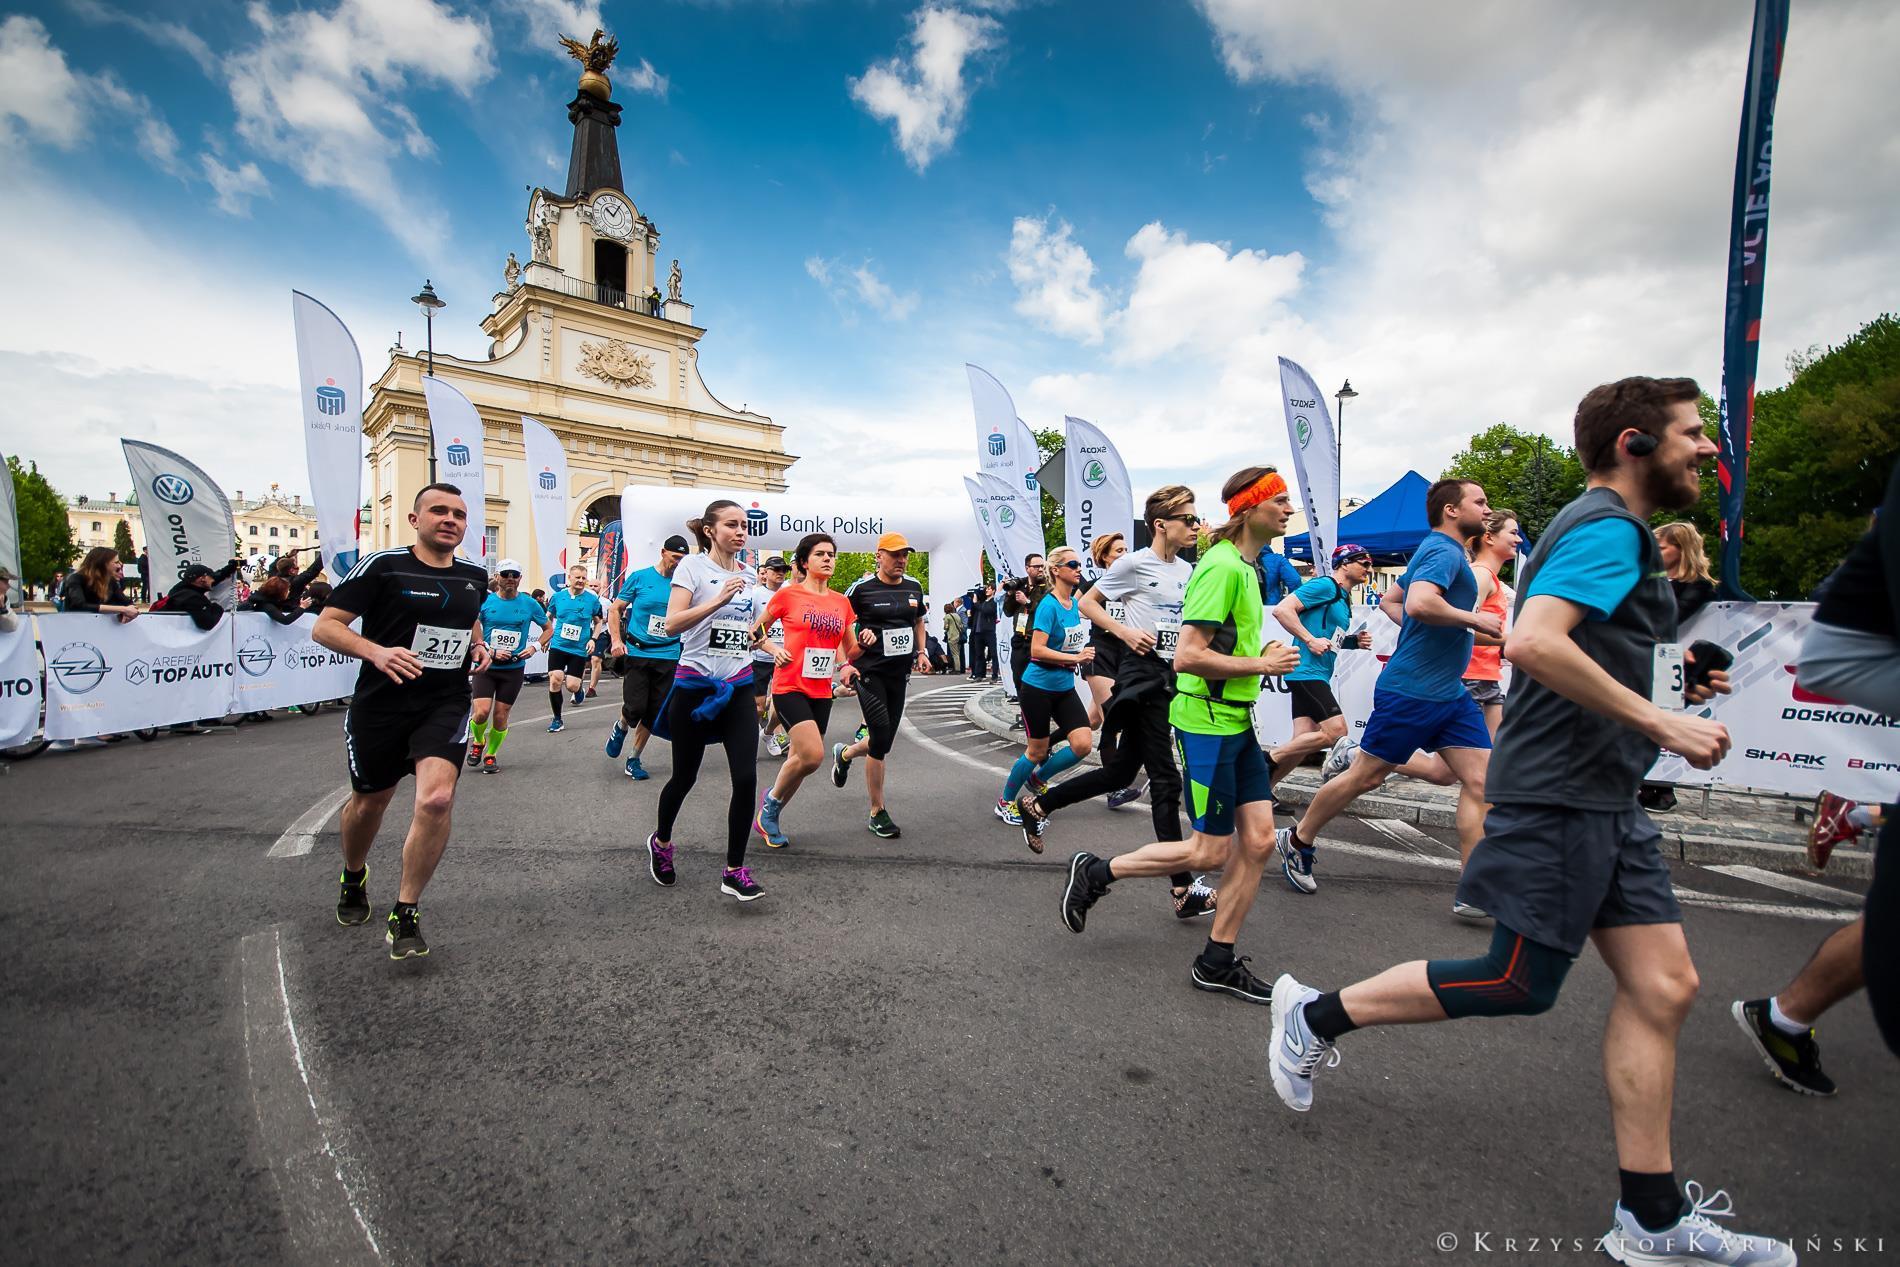 Z trasy półmaraton białostocki